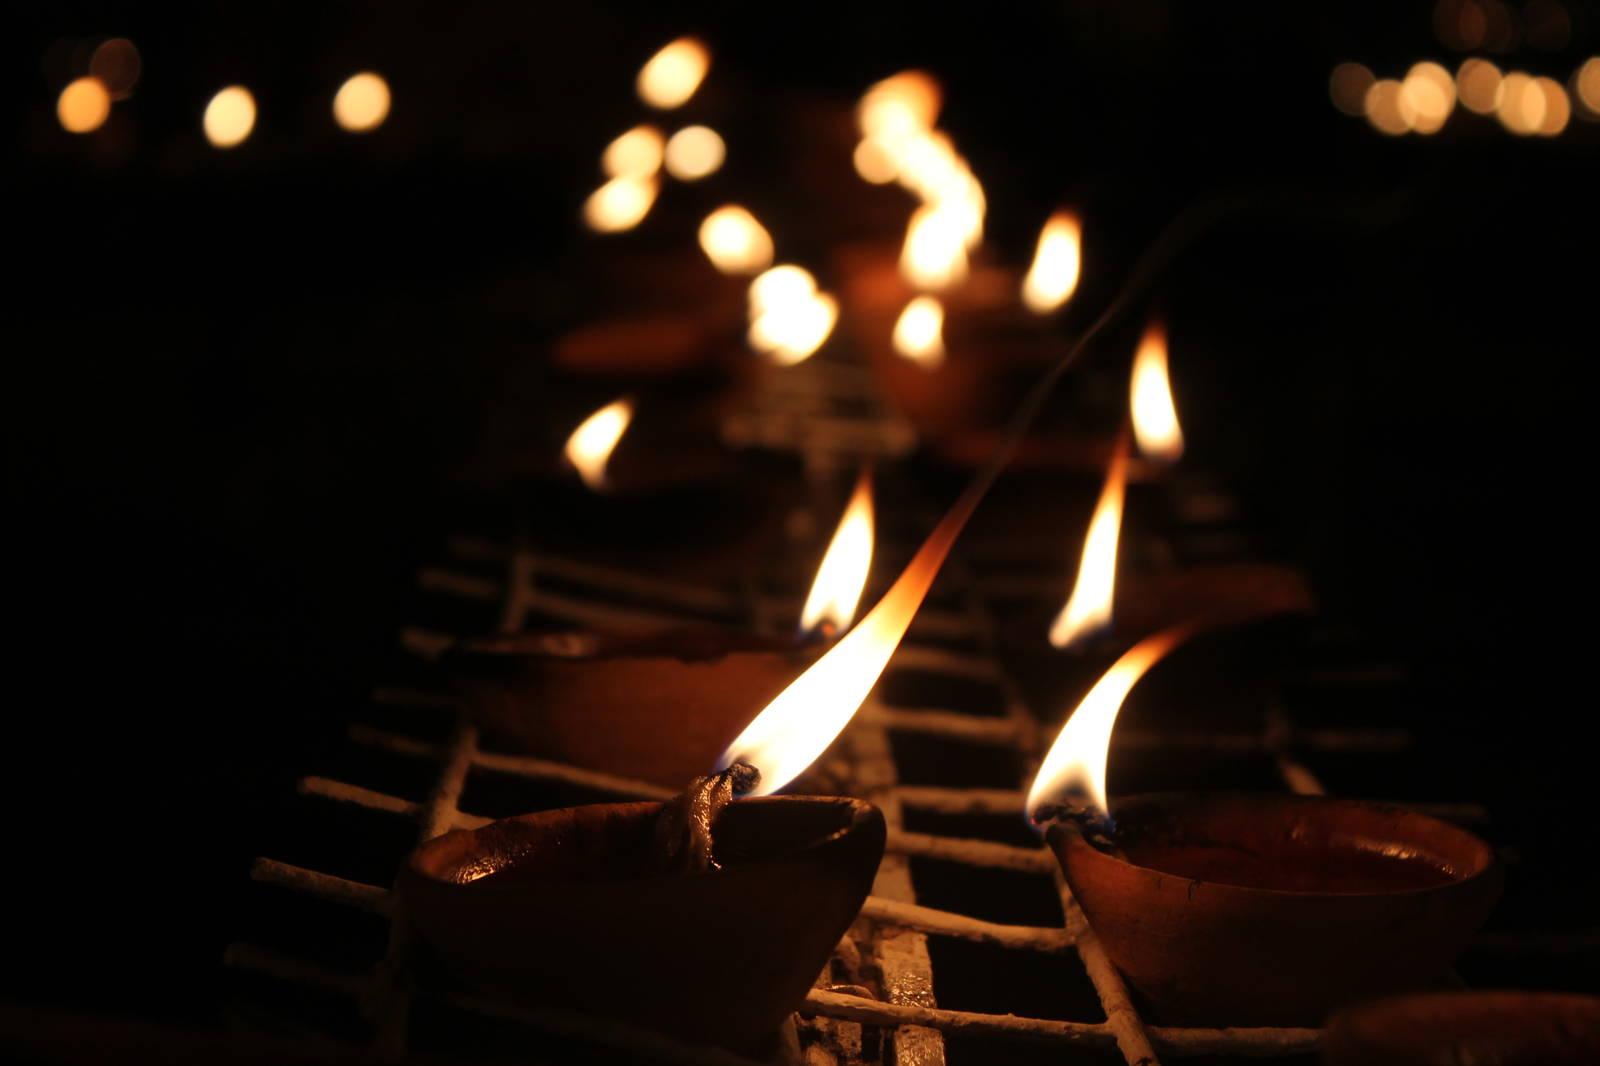 Diwali Festivali, İyiliğin kötülüğü, ışığın karanlığı yendiği gün